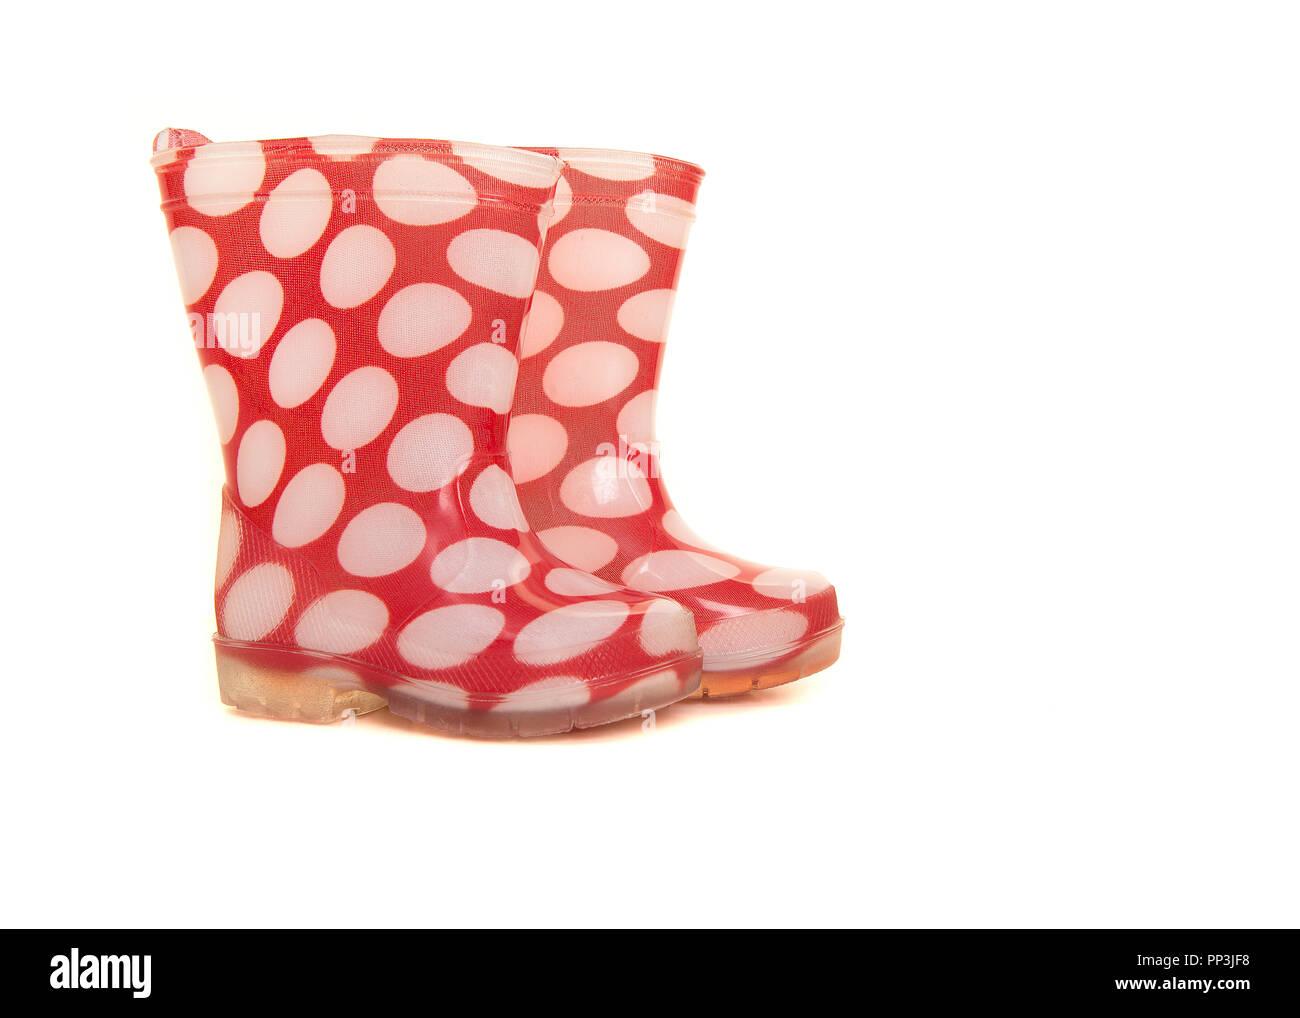 scegli genuino a poco prezzo nuovi prodotti caldi Rosso e bianco punteggiato di polka stivali di gomma per ...